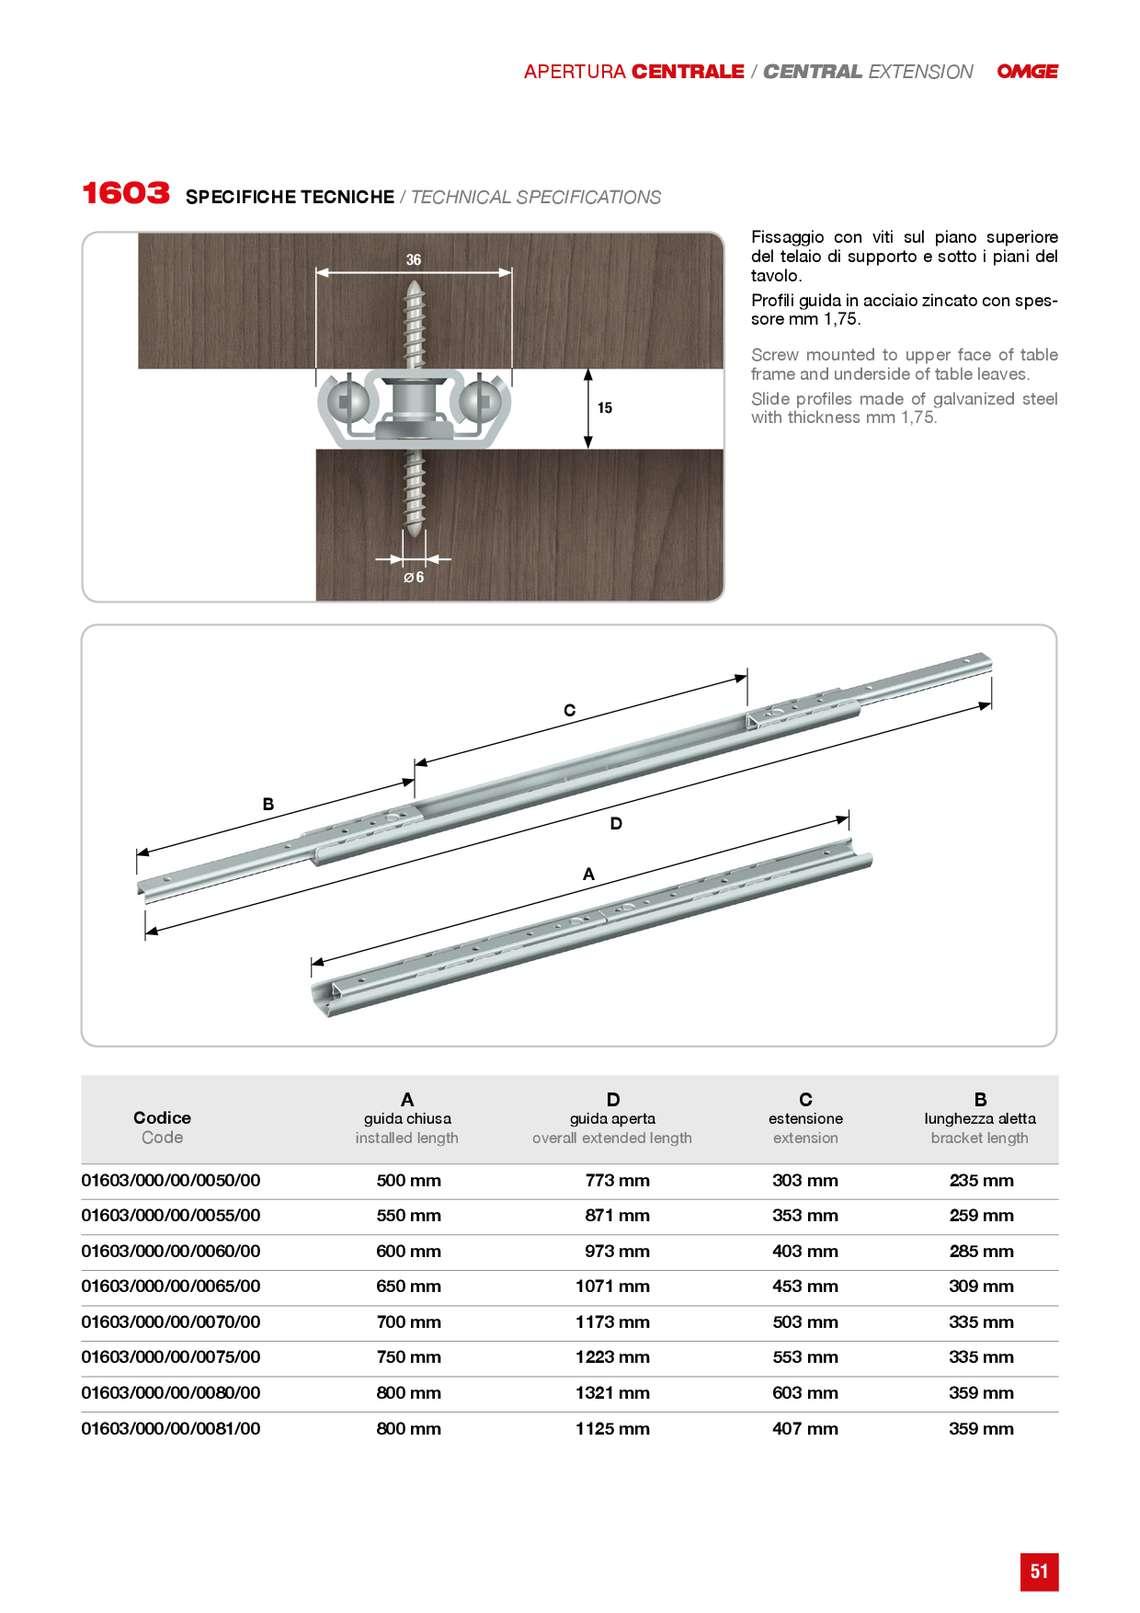 guide-per-allungamento-tavoli_163_050.jpg